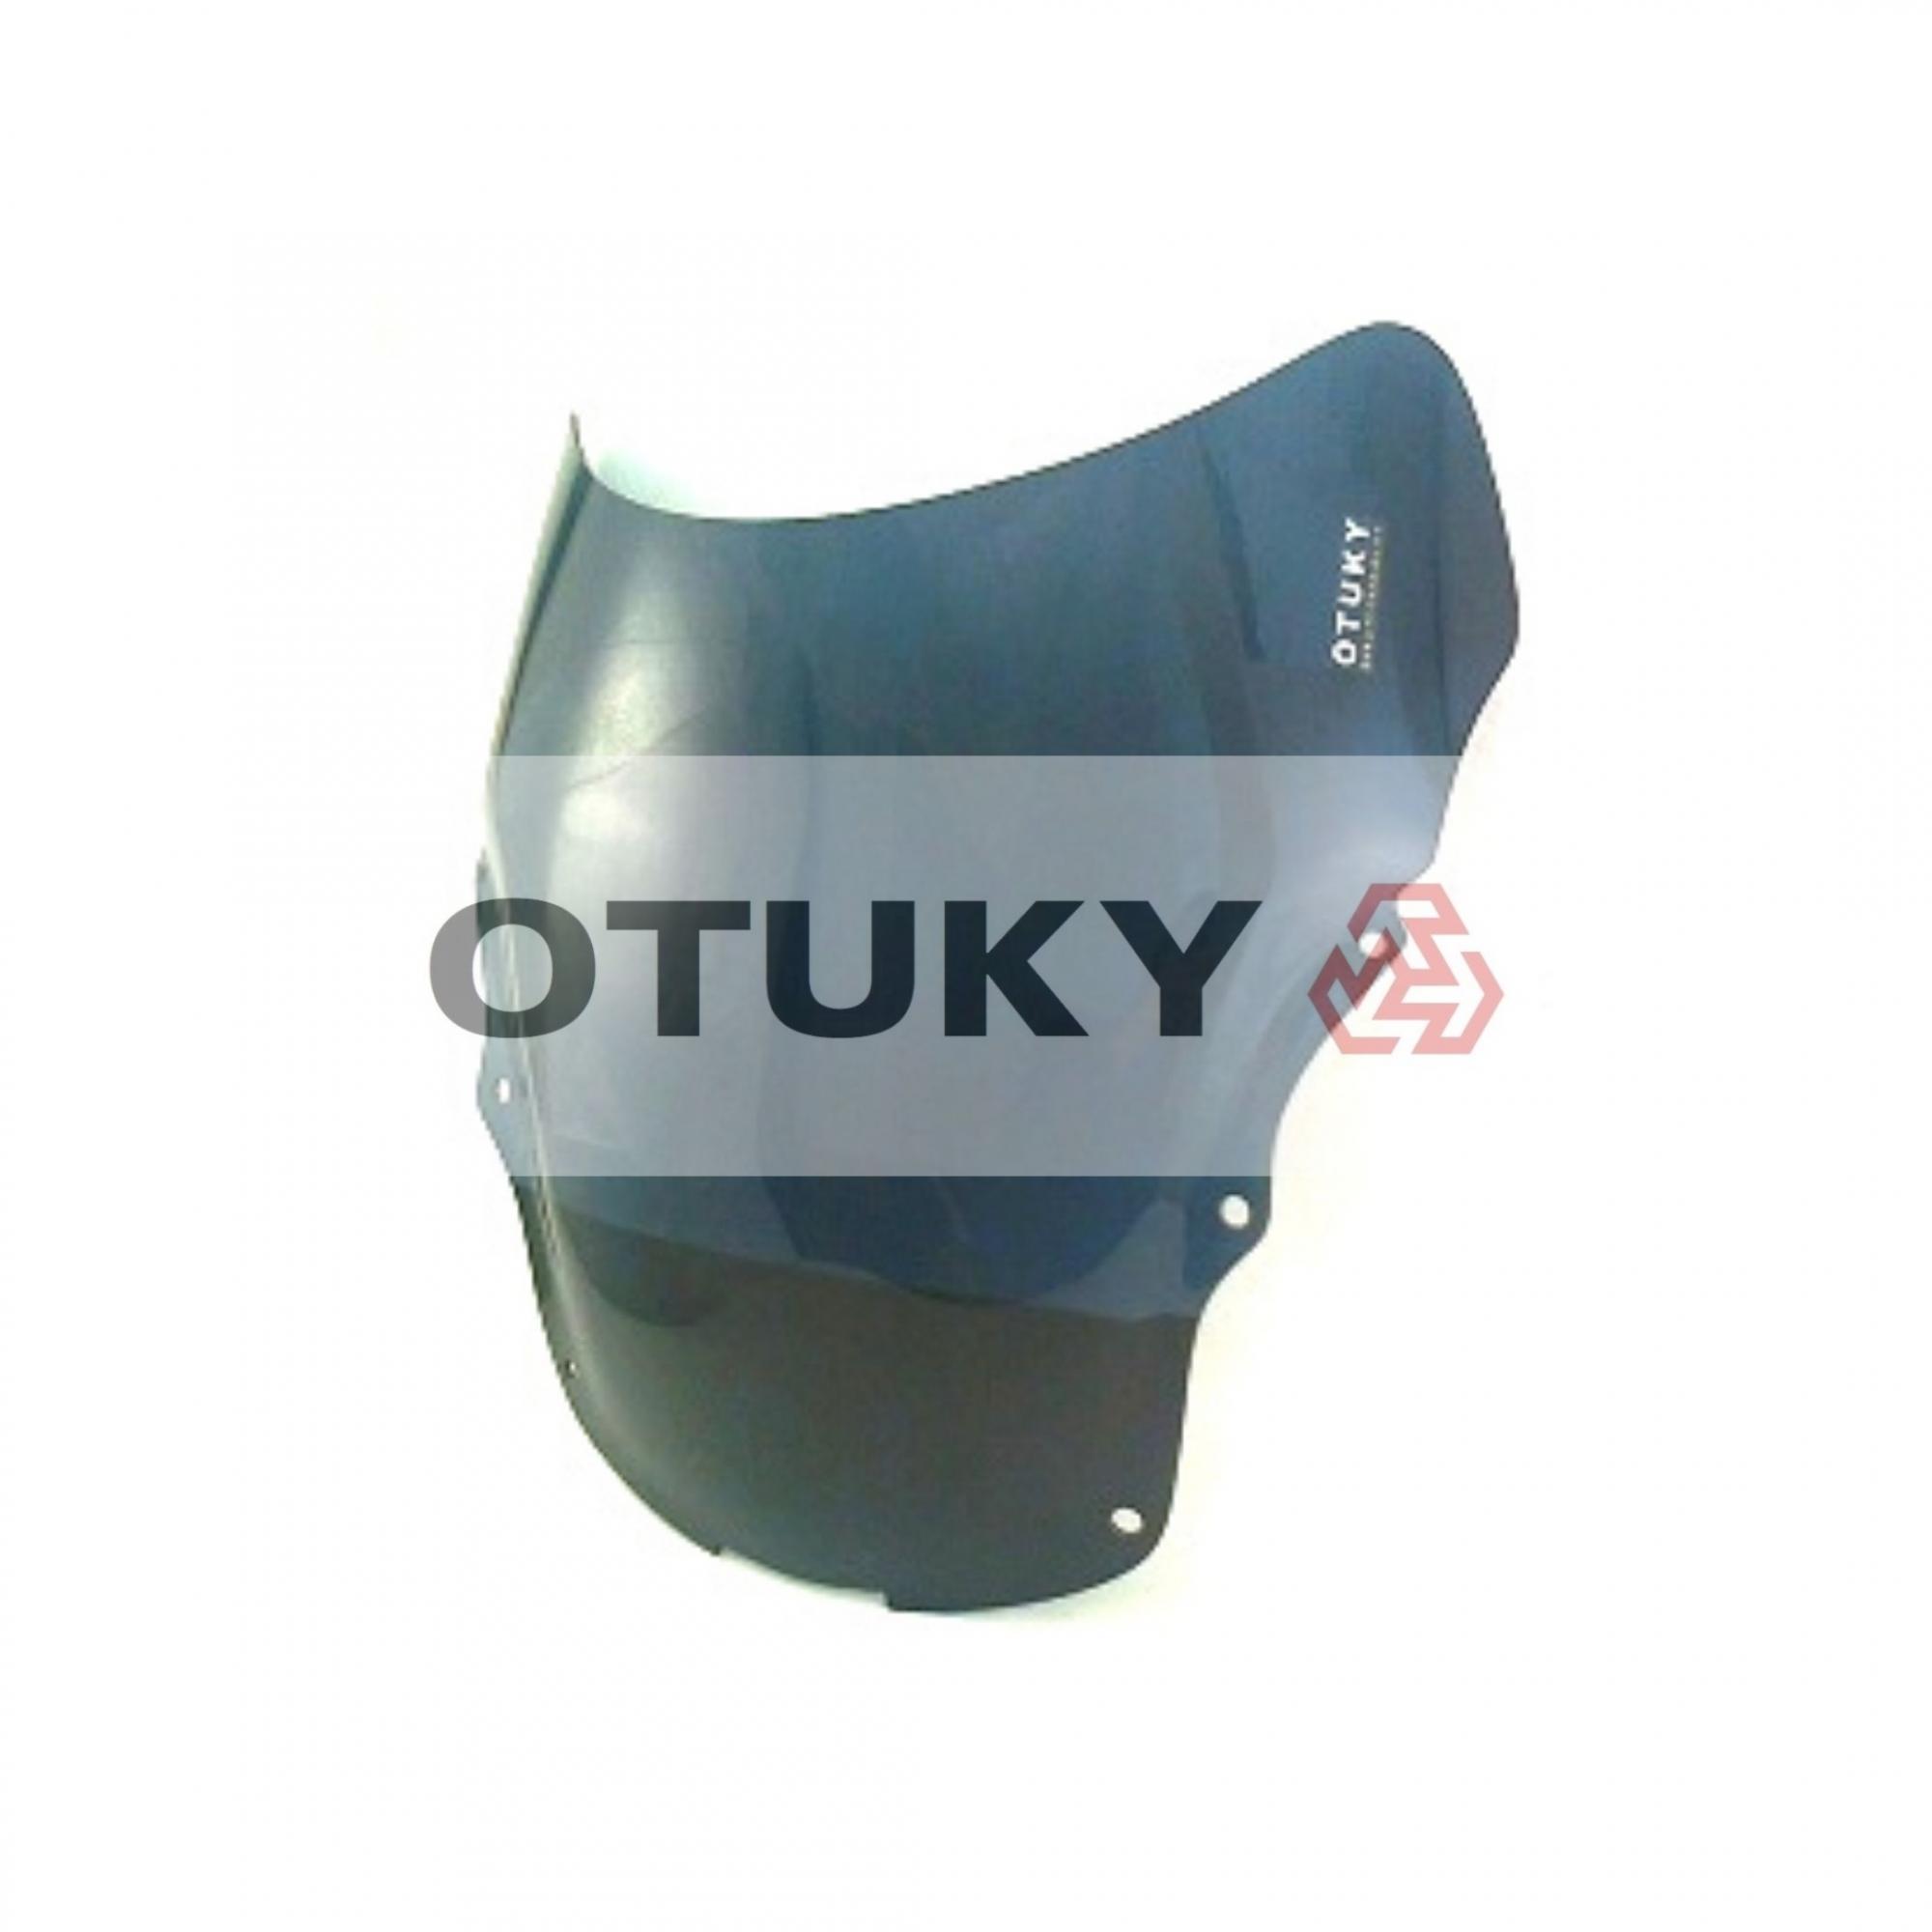 Bolha para Moto CBR 1100 xX Blackbird 1997 1998 1999 2000 2001 2002 2003 2004 2005 Otuky Padrão Fumê Escuro